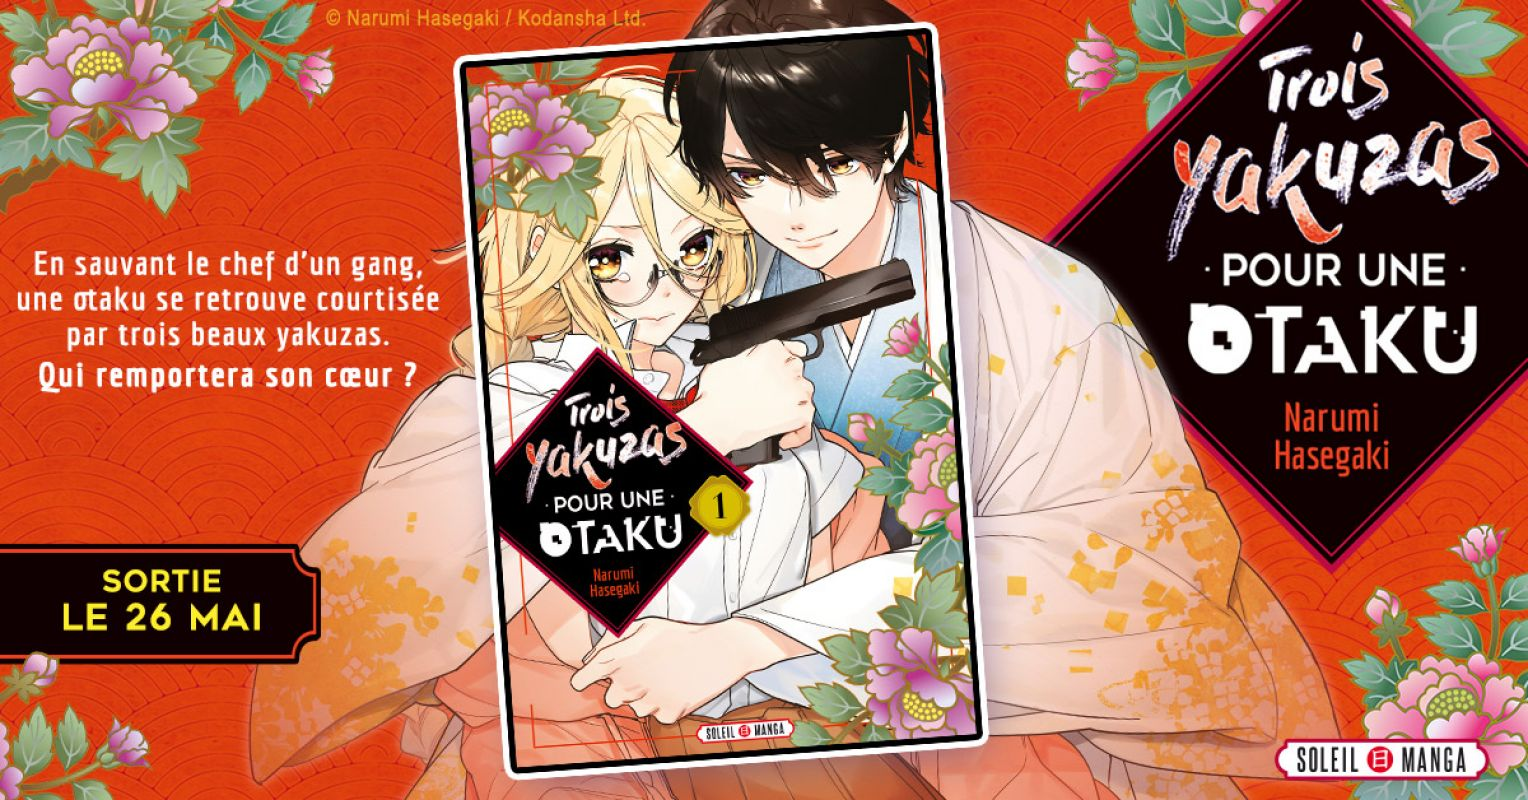 Trois Yakuzas pour une Otaku chez Soleil Manga